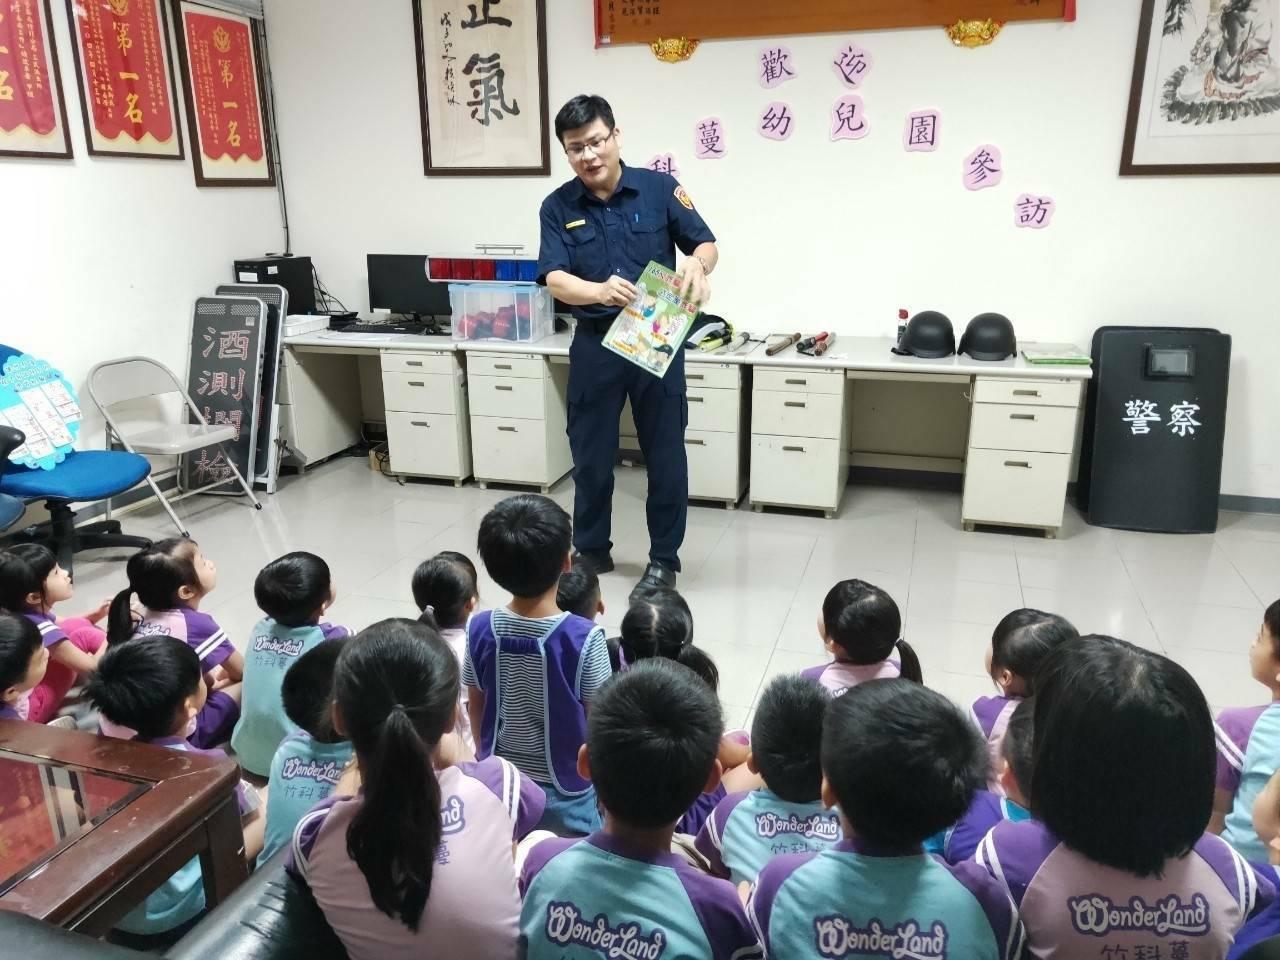 三民派出所長吳榮財也不忘現場向幼童們宣導反詐騙手法。警方提供